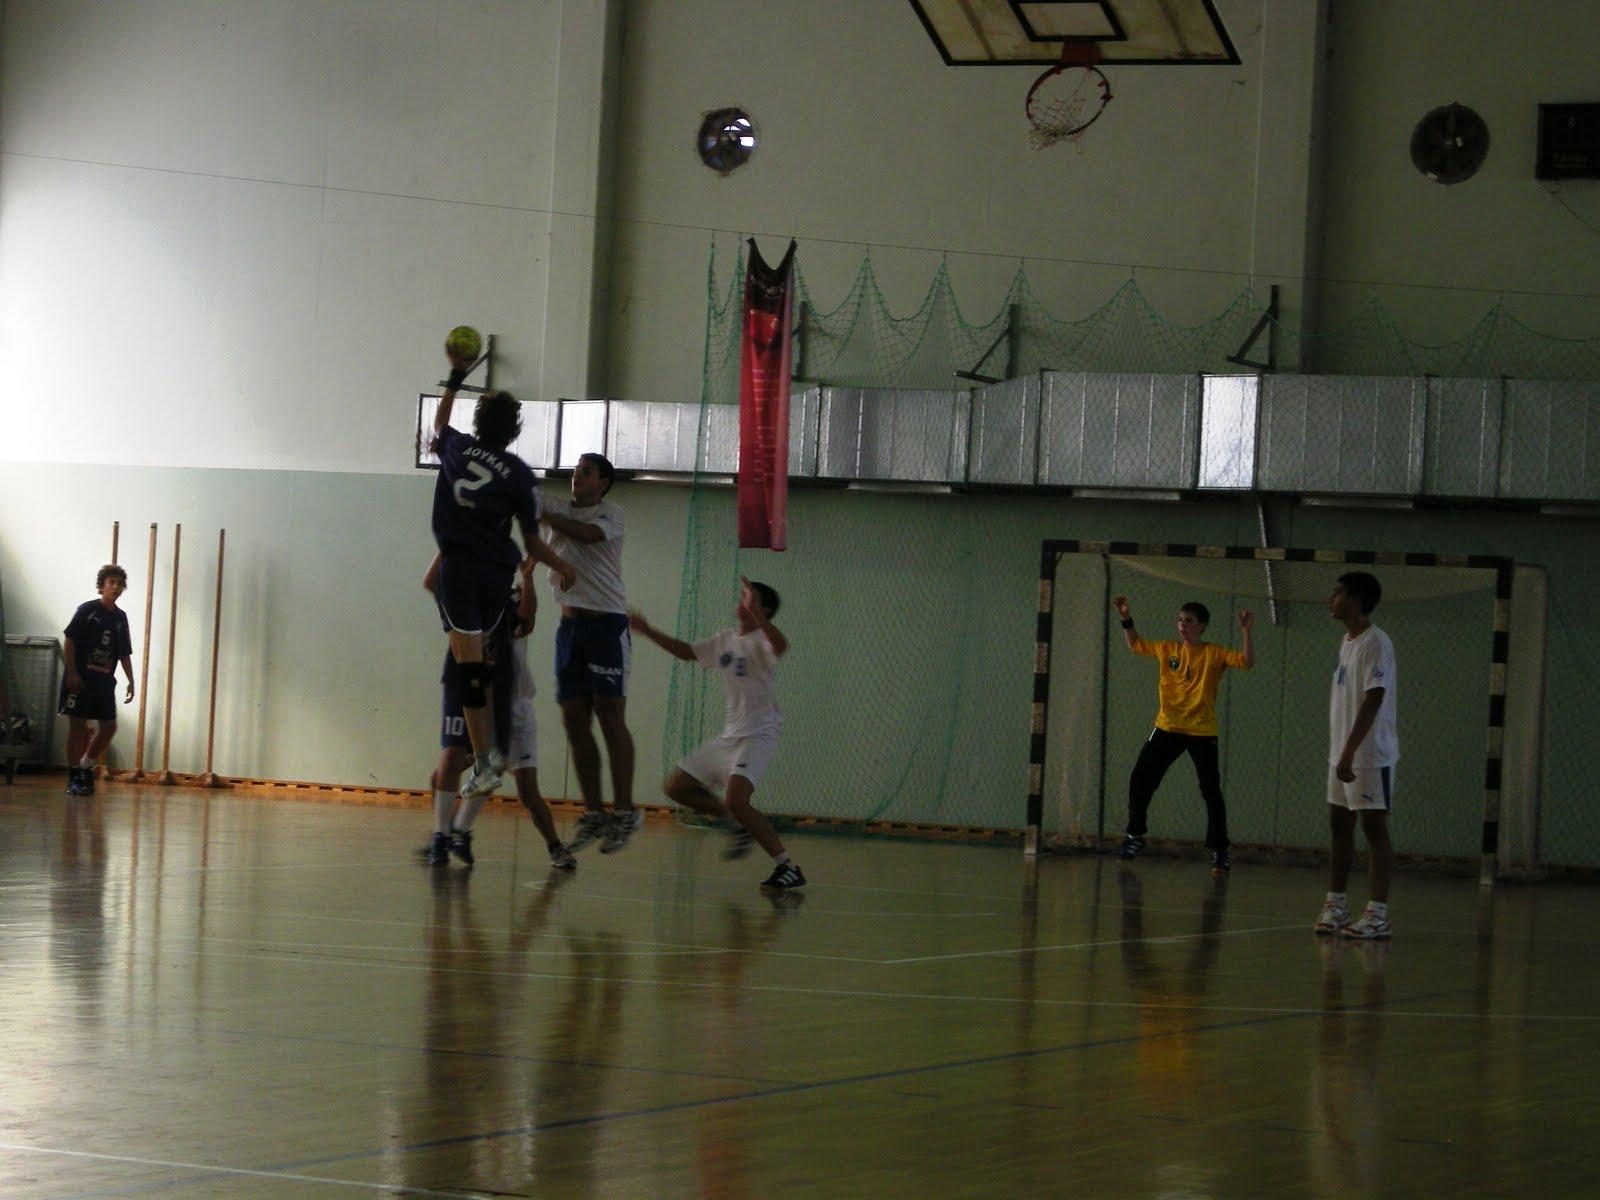 αστερασ αρησ: Α.Σ.Ε ΔΟΥΚΑ Παμπαίδες Handball: Σεπτεμβρίου 2010